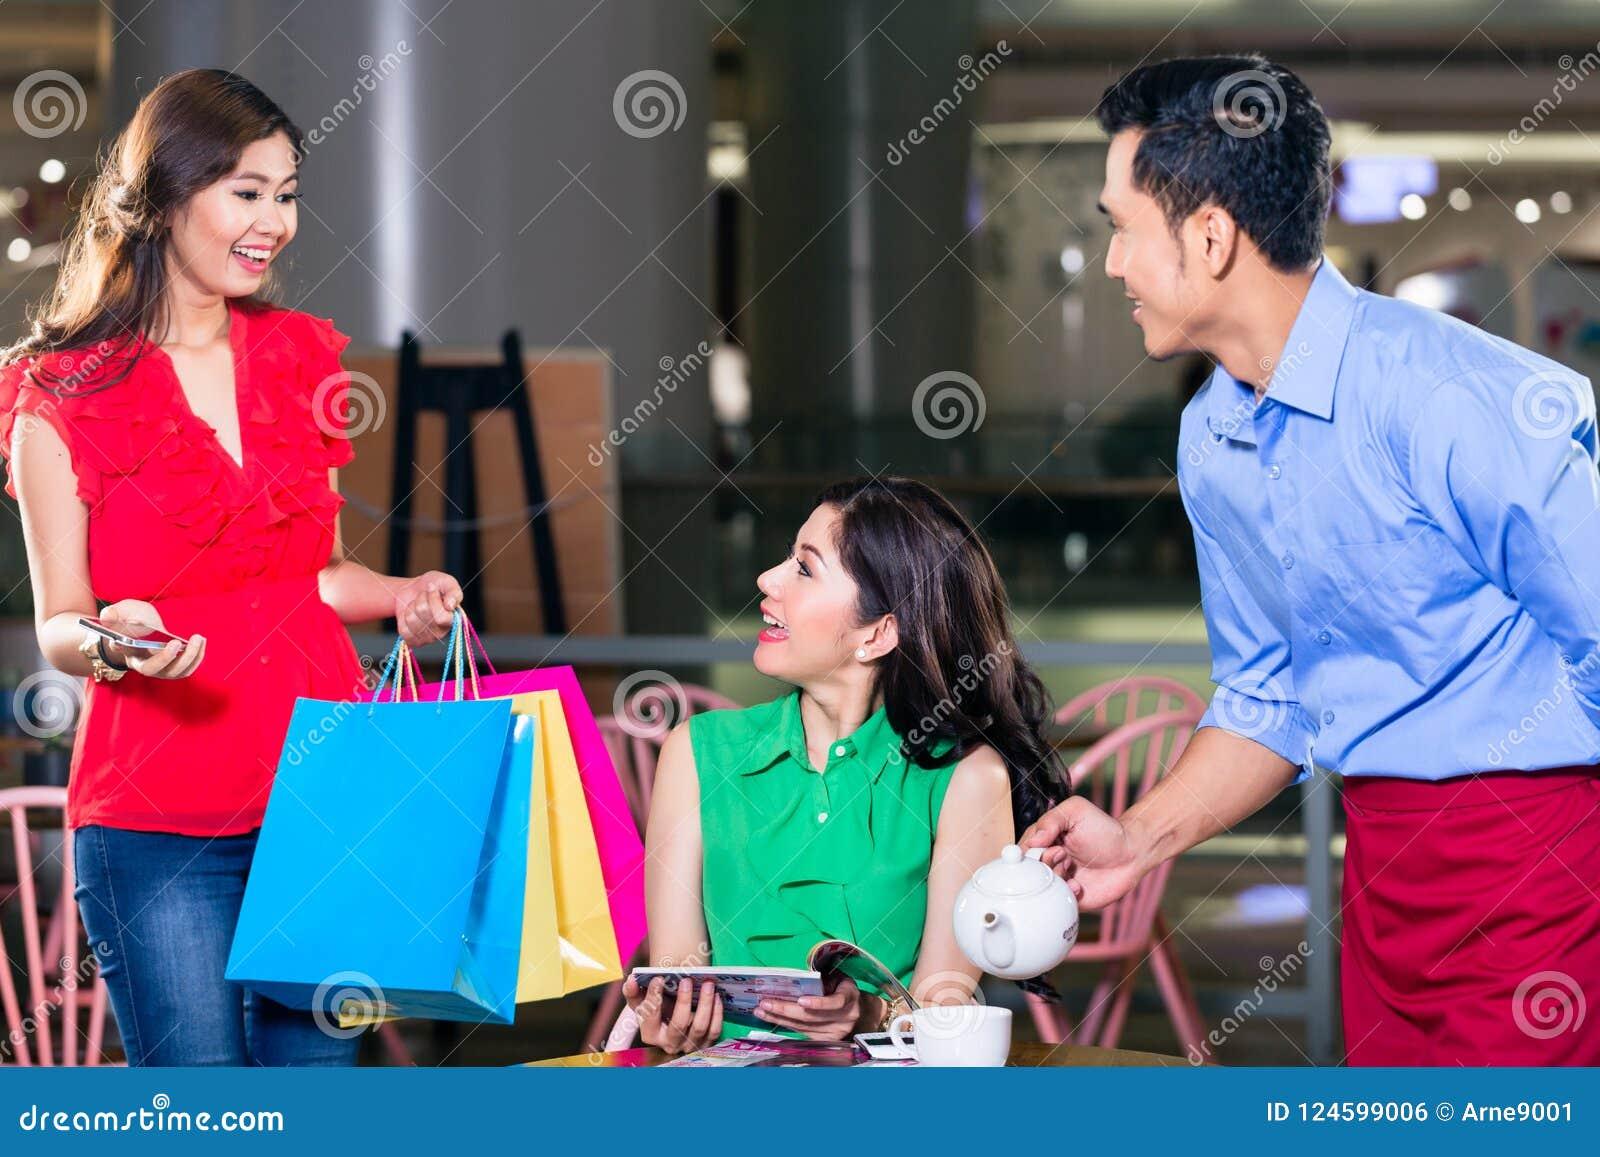 Modieuze jonge vrouw die gelukkig voor het ontmoeten van een vriend in een koffiewinkel kijken